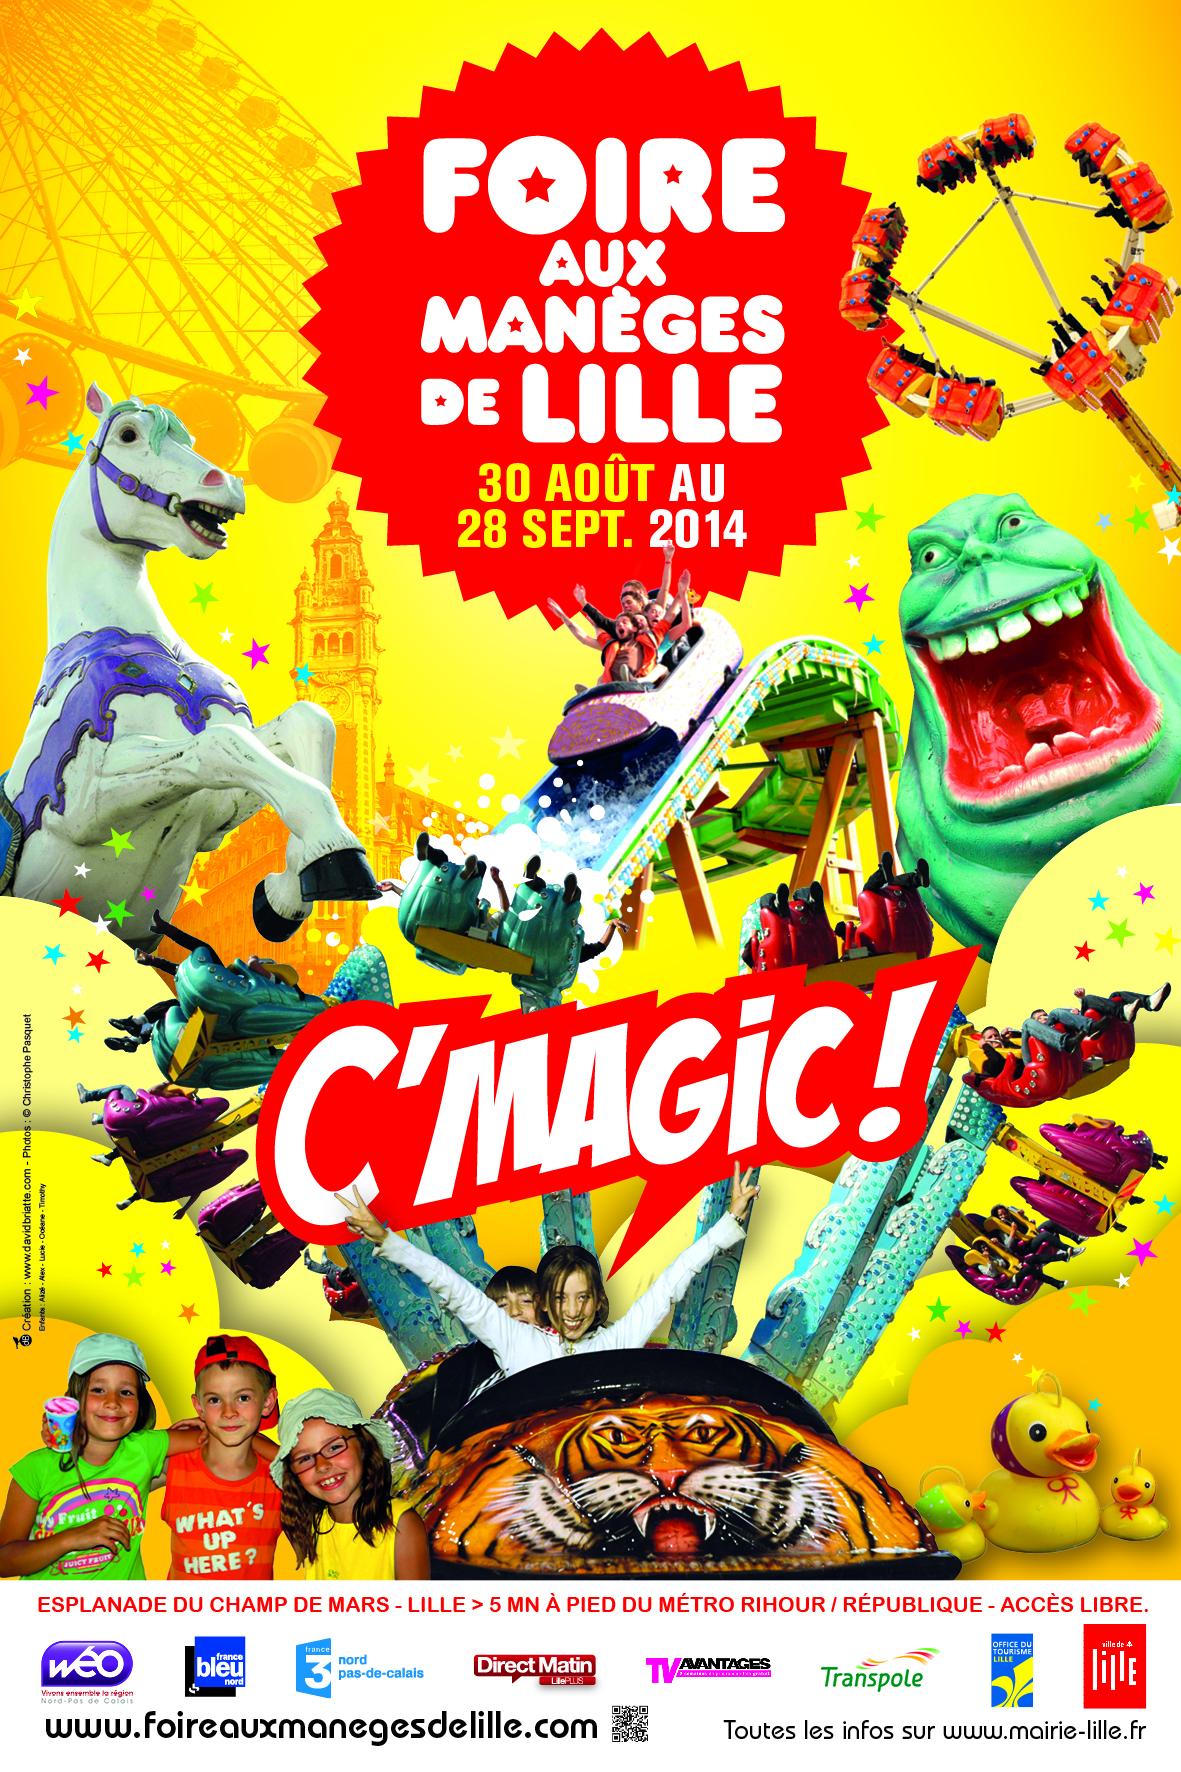 Affiche officielle de la Foire aux manèges de la Braderie de Lille 2014